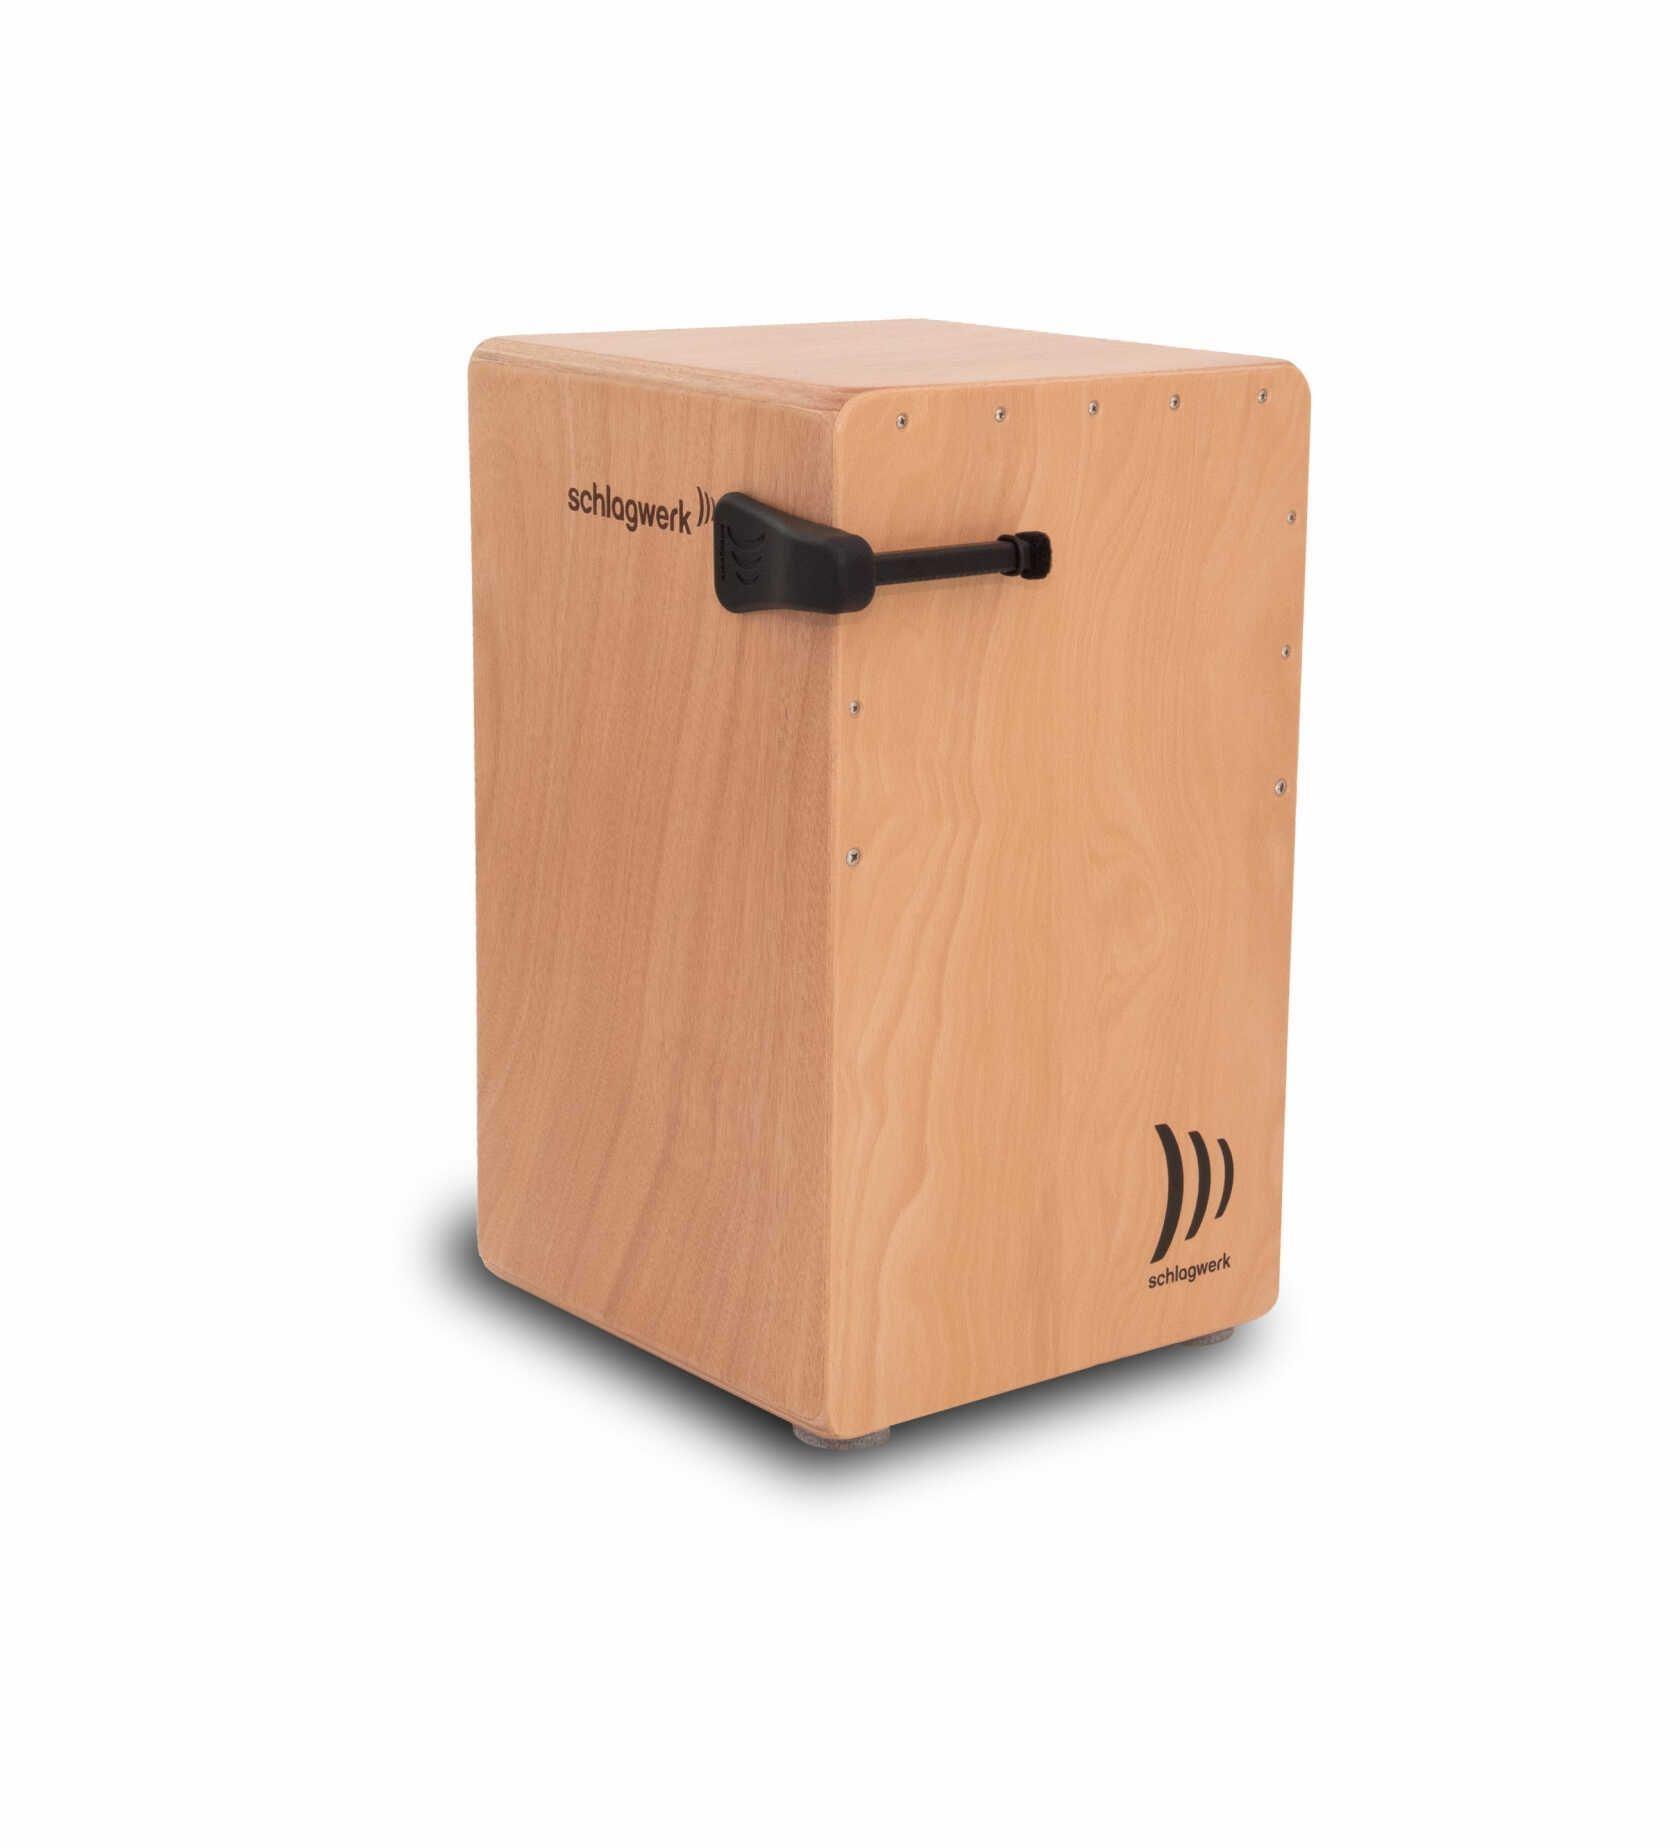 Schlagwerk SKR Rim Shaker; quadratisches Shakerröhrchen